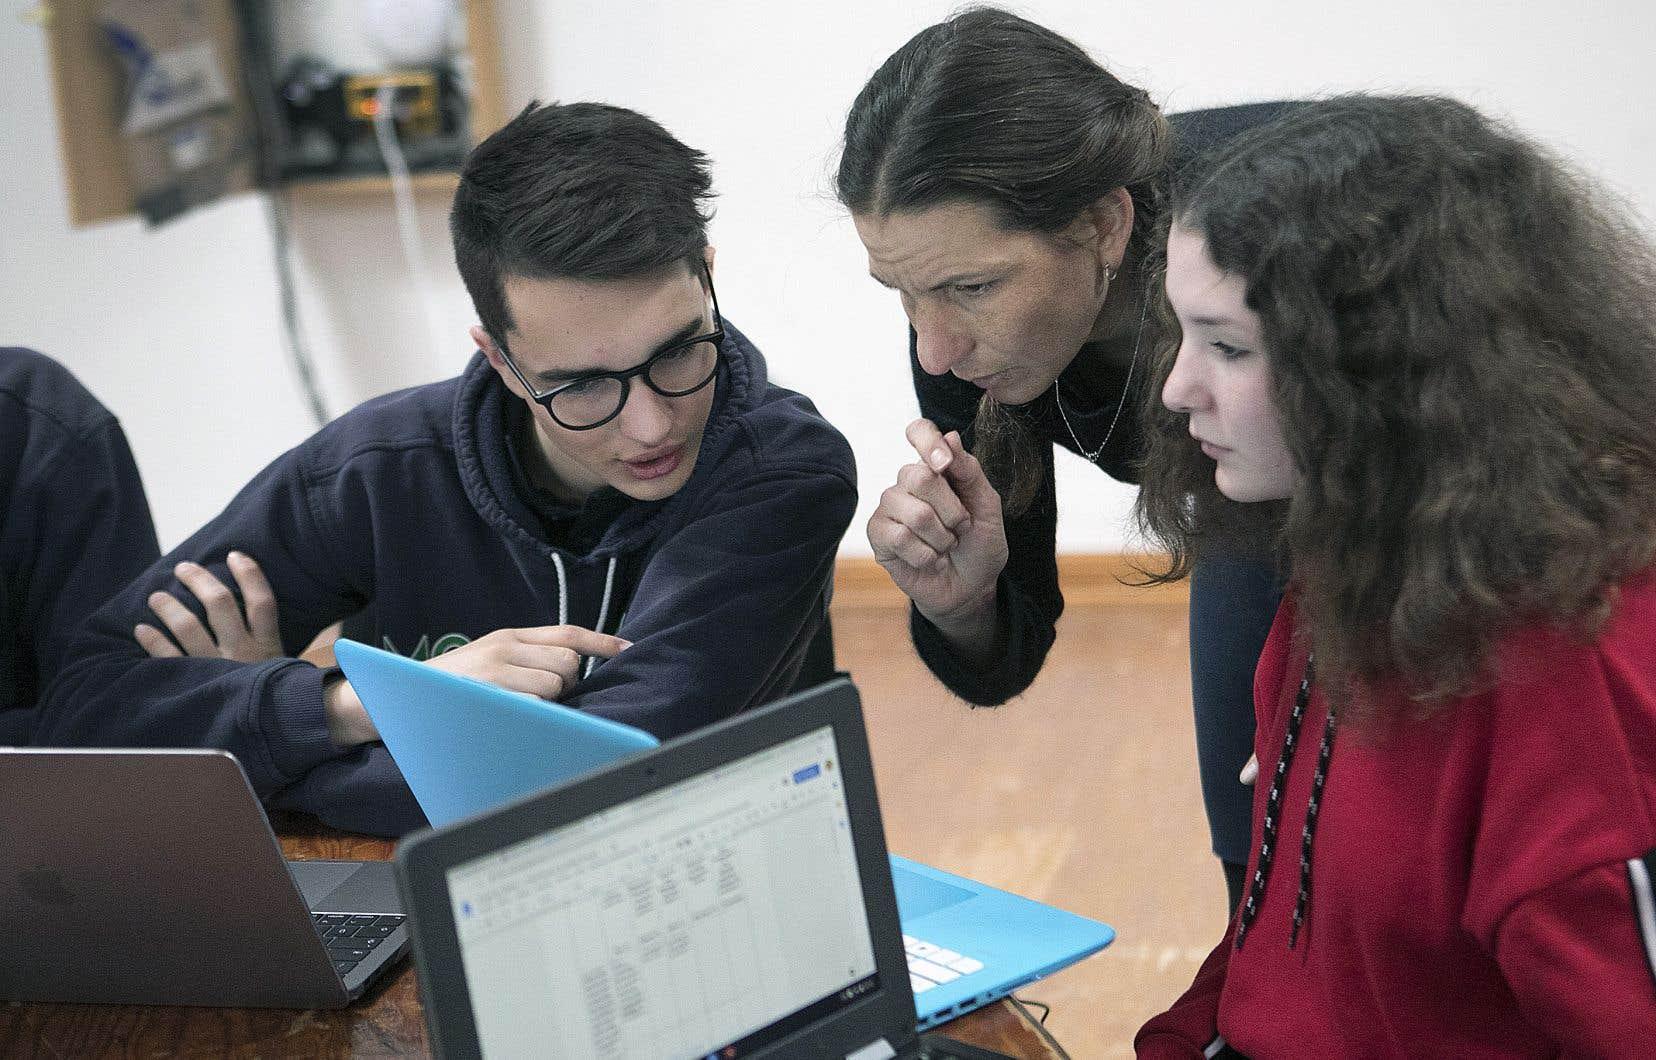 Alors que l'utilisation de l'ordinateur est répandue dans certaines écoles québécoises, la plupart ont encore recours au papier et au crayon.